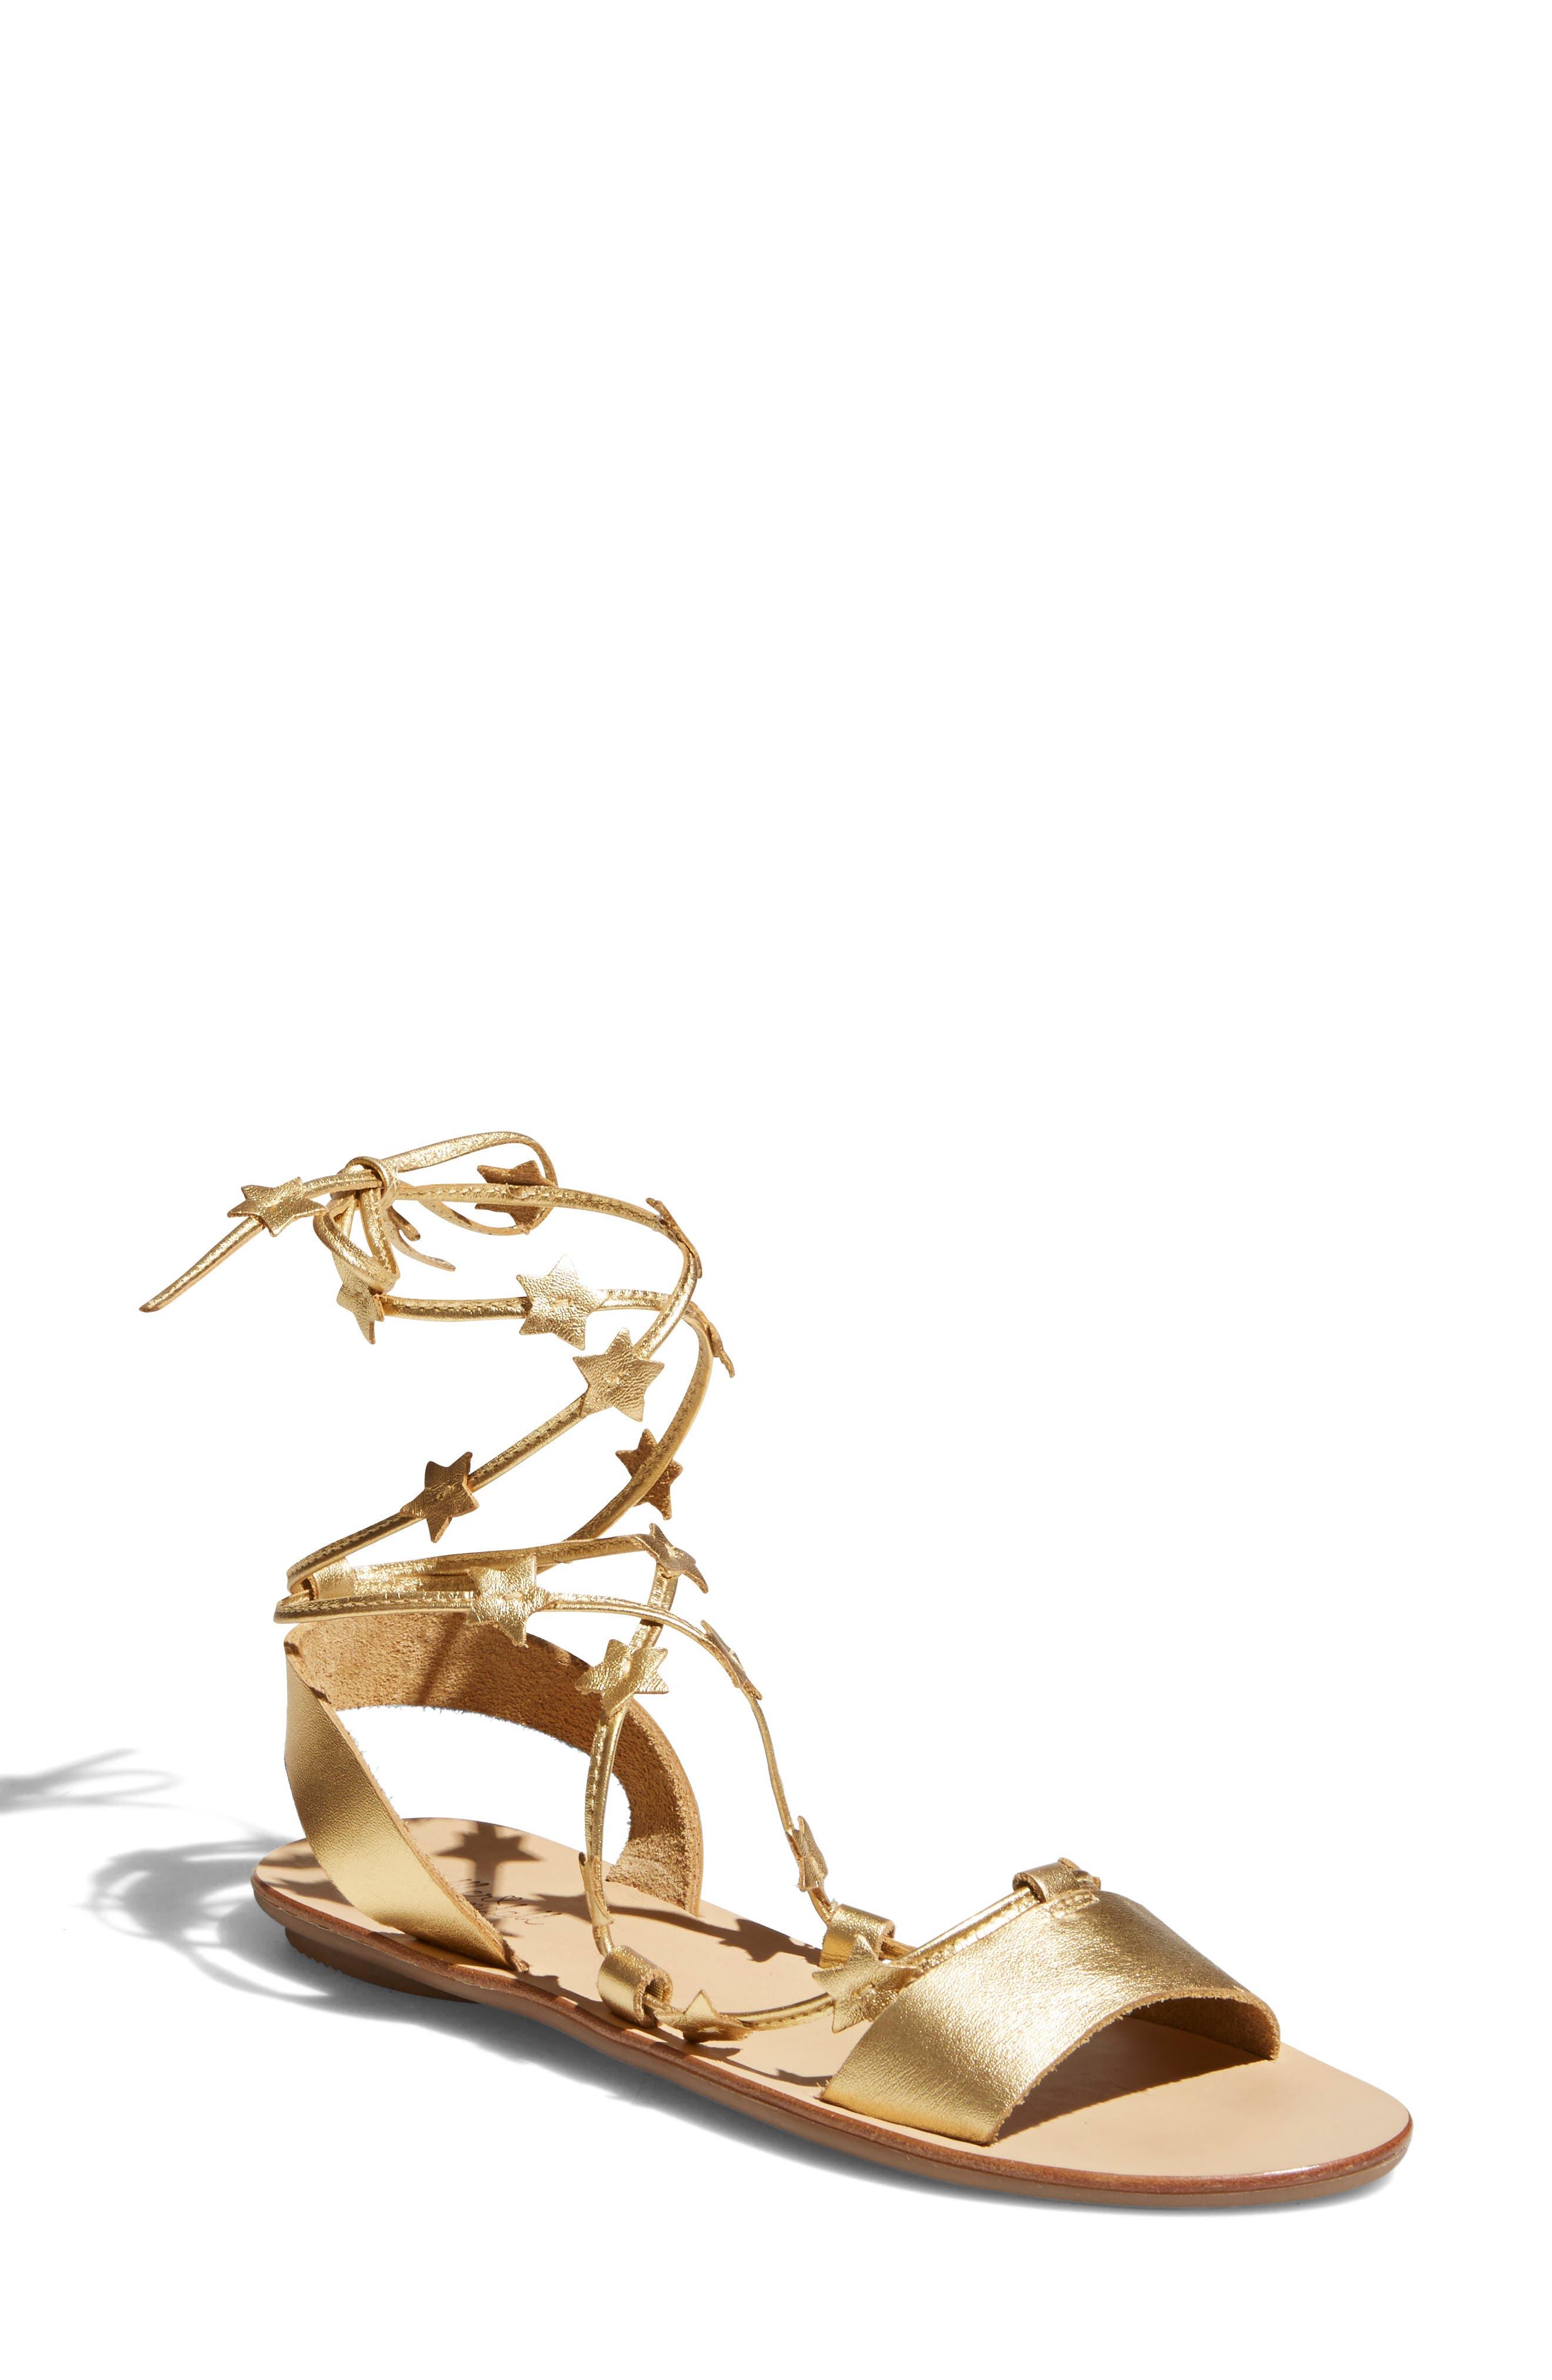 Main Image - Loeffler Randall Starla Ankle Wrap Sandal (Women)